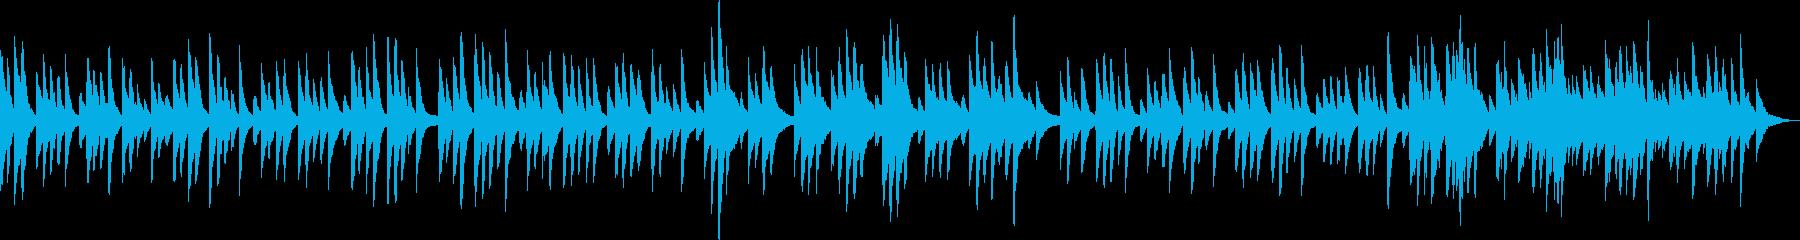 優しくて感動的なピアノBGM(独奏)の再生済みの波形